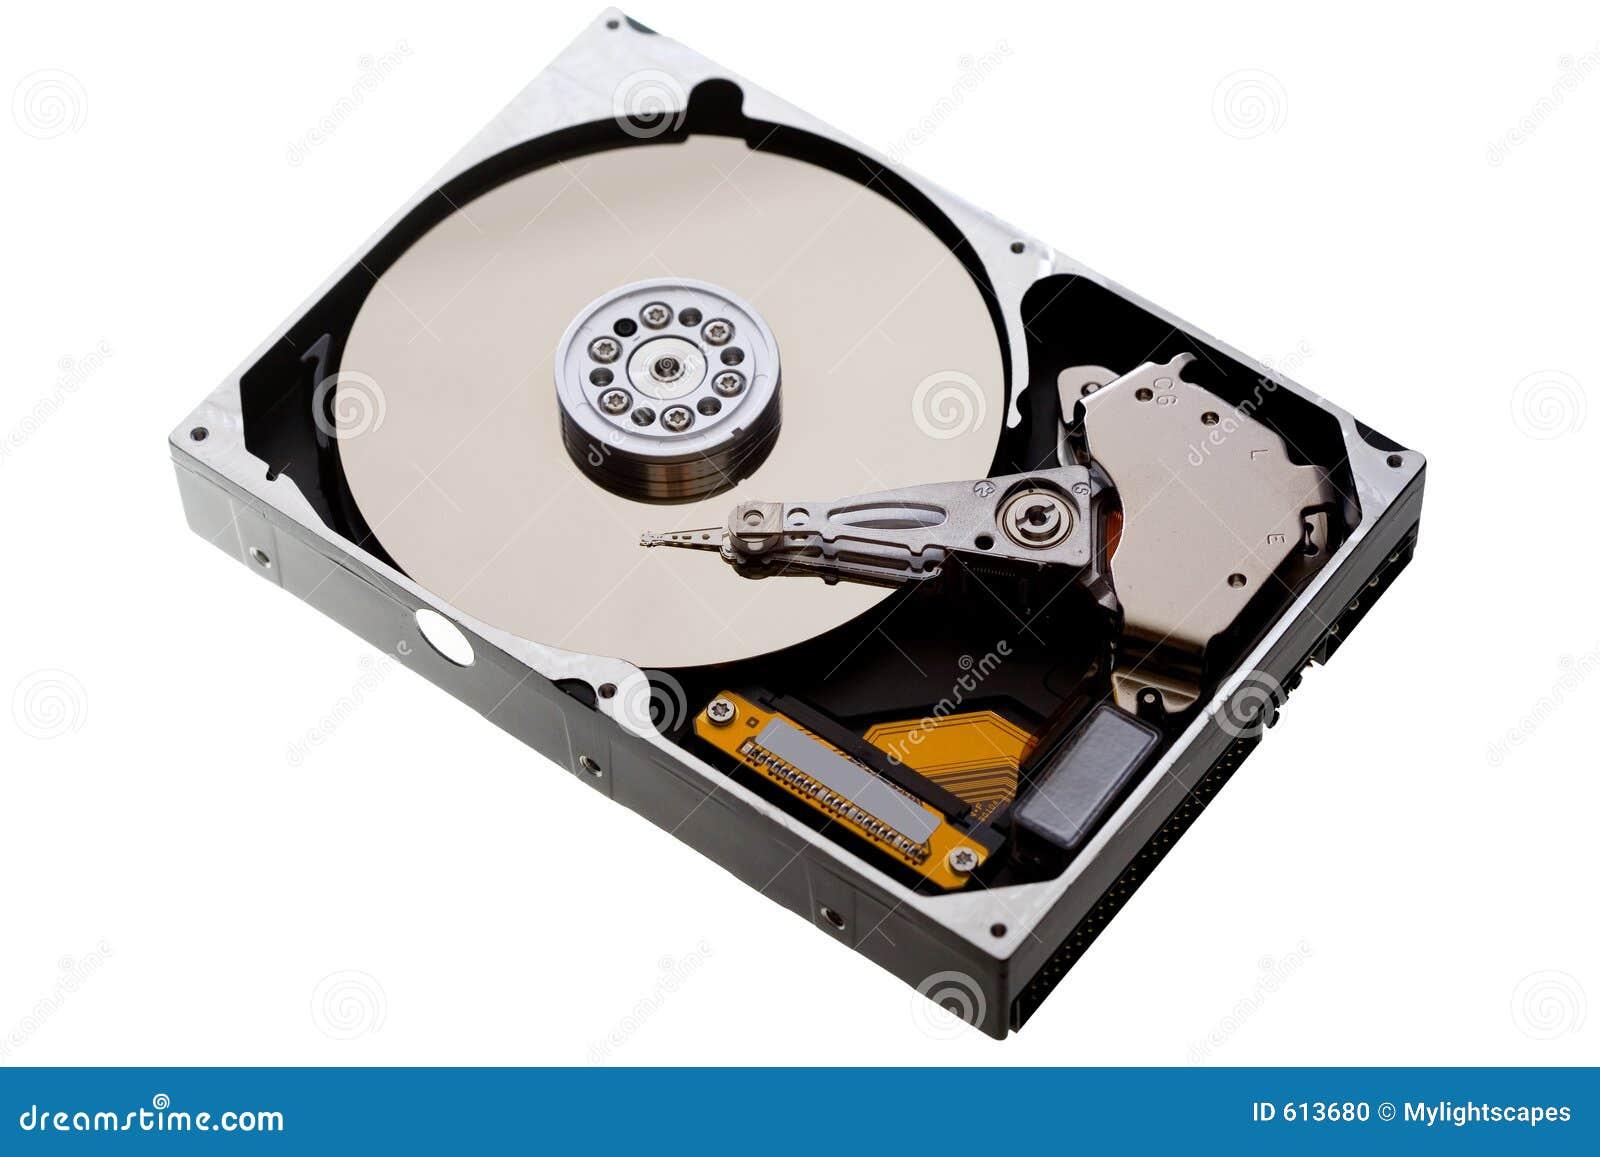 Жесткий диск блок схема